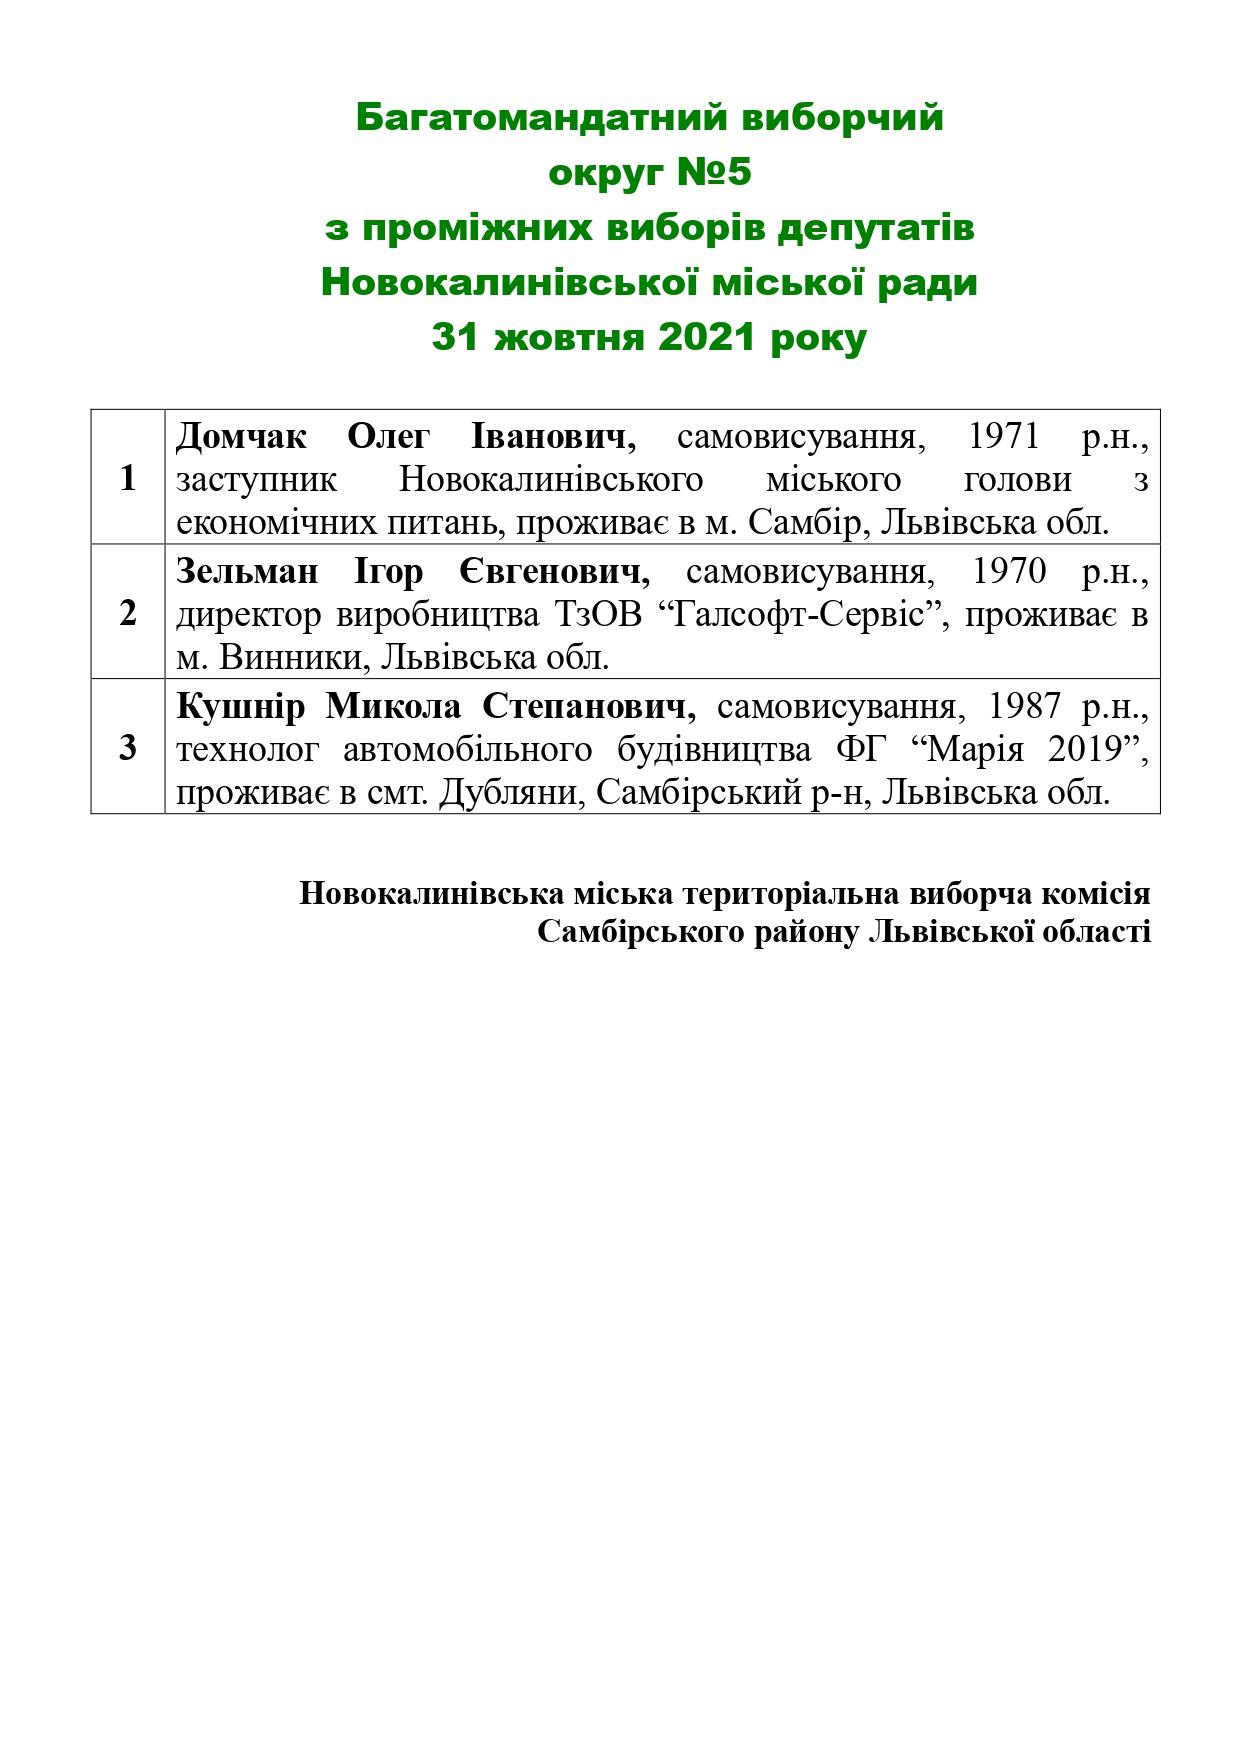 NOVOKALYNIVSKA MTVK INFORMUIe №5